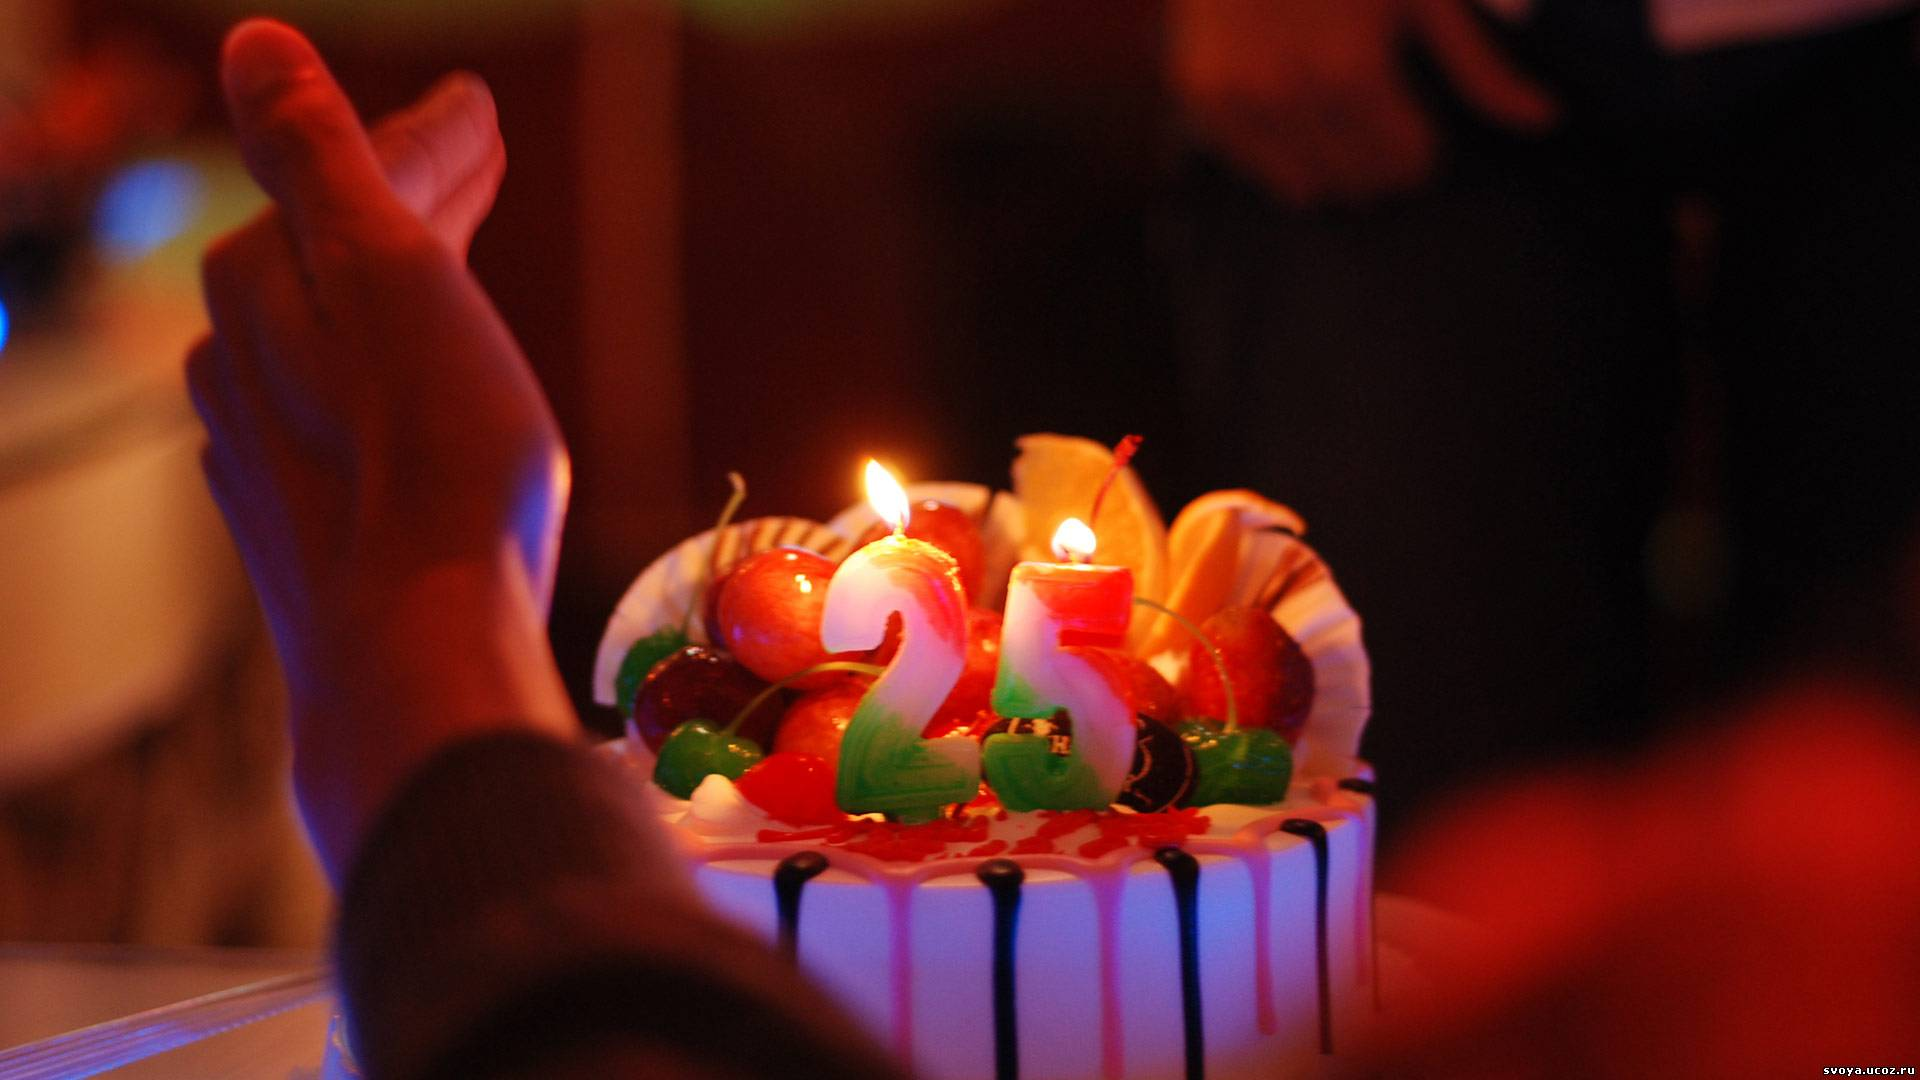 Красивые короткие поздравления с Днем рождения на 25)